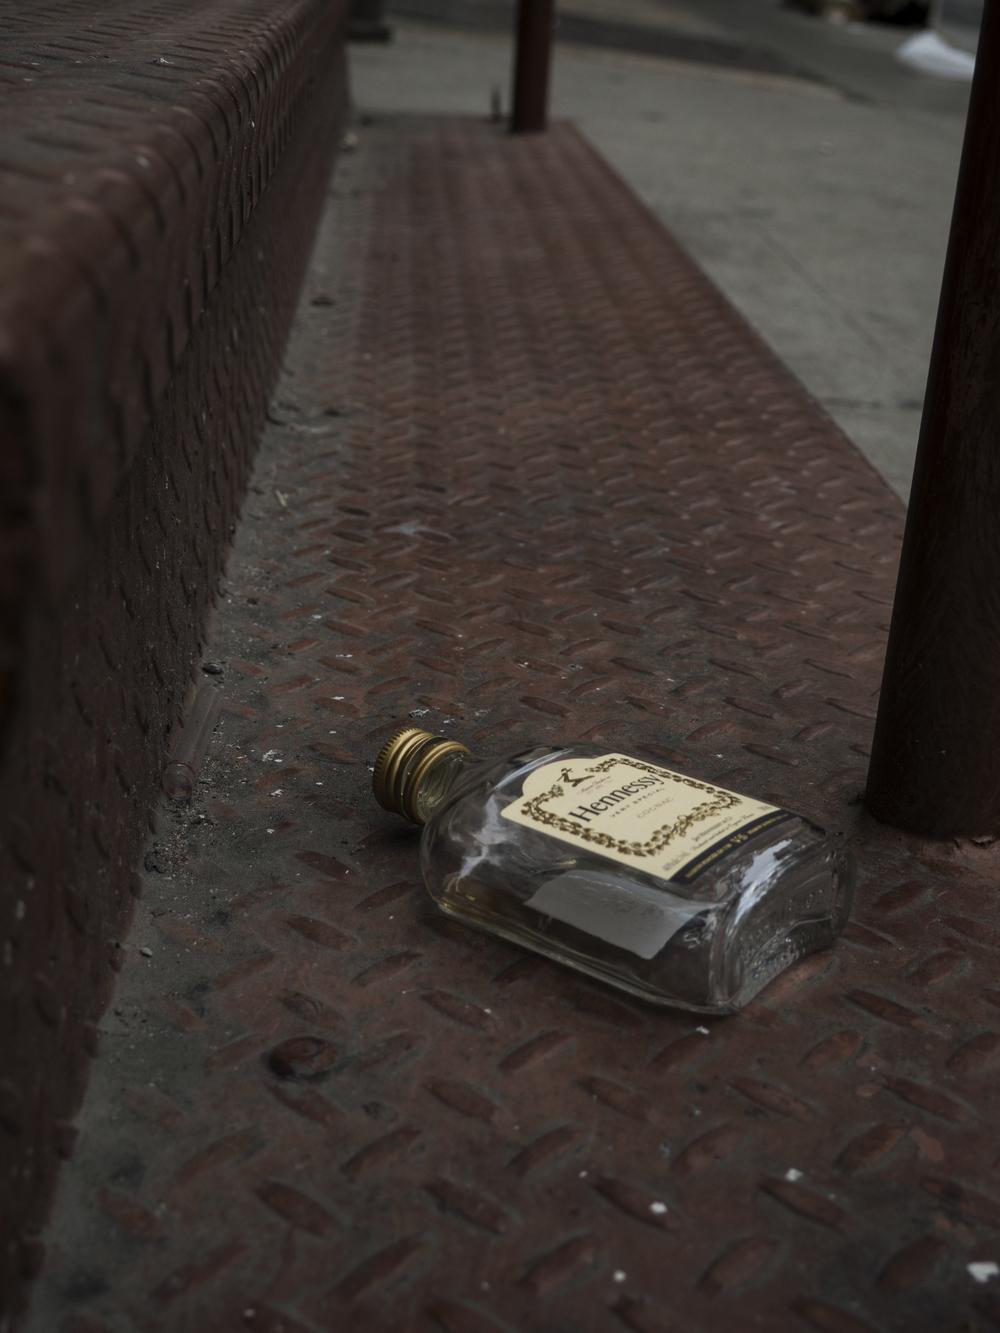 Abandoned Hennessy bottle in SoHo